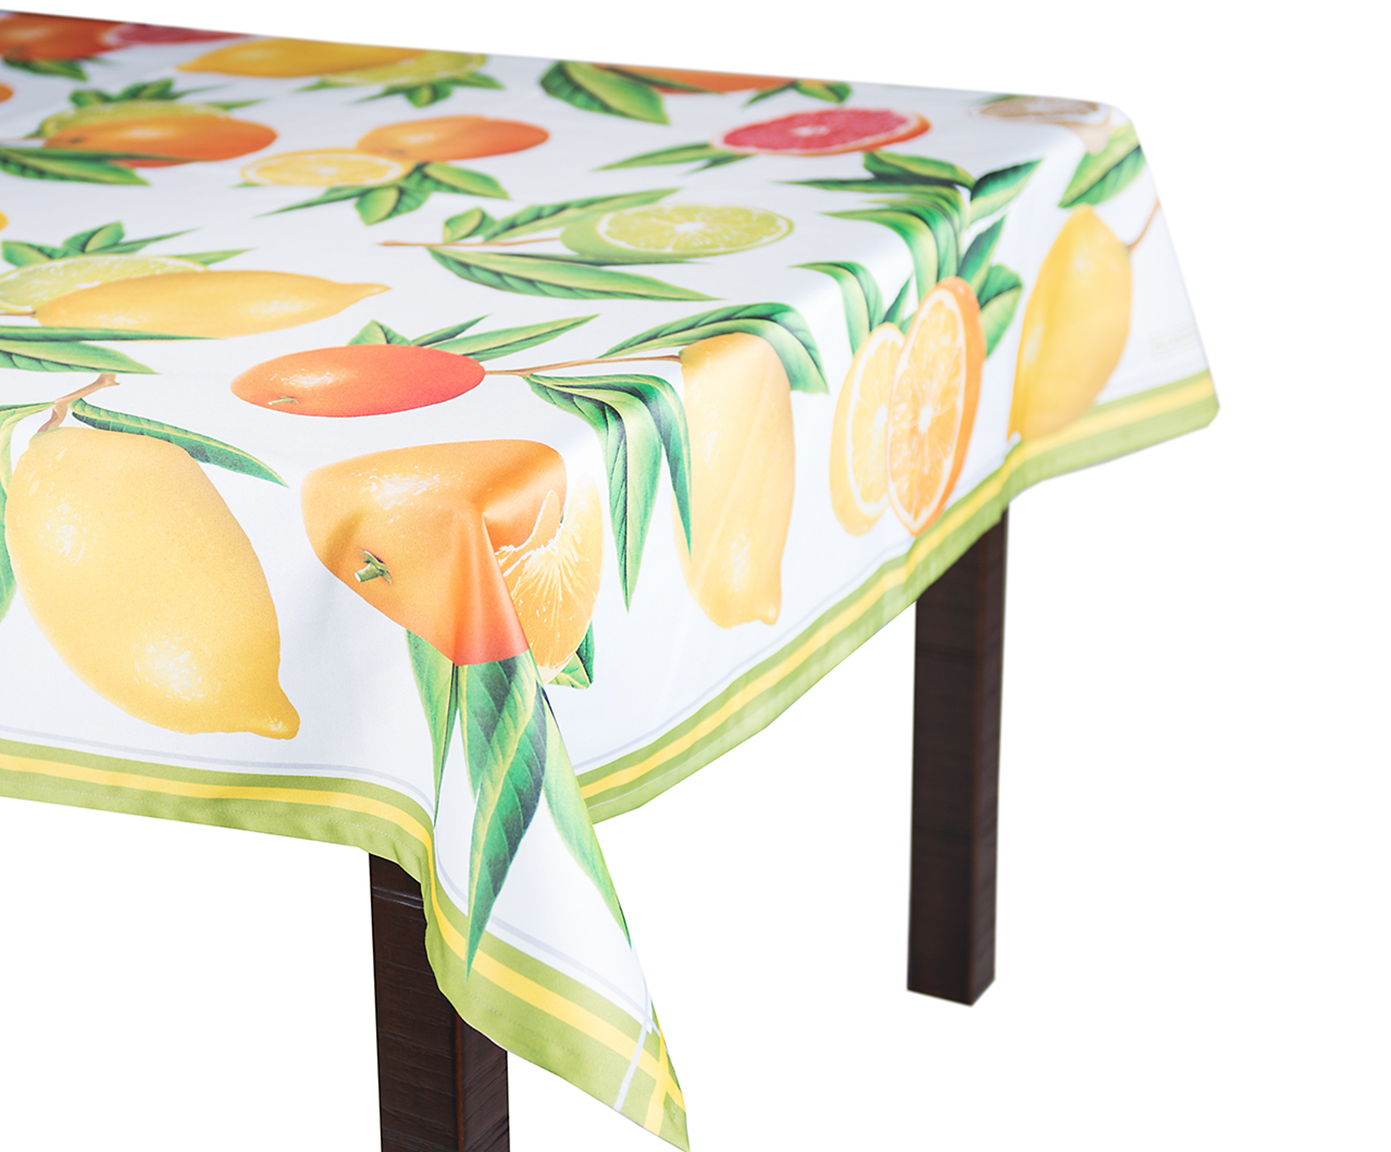 Скатерть Blonder Home CITRUS, белый, желтый, оранжевый, зеленый цена